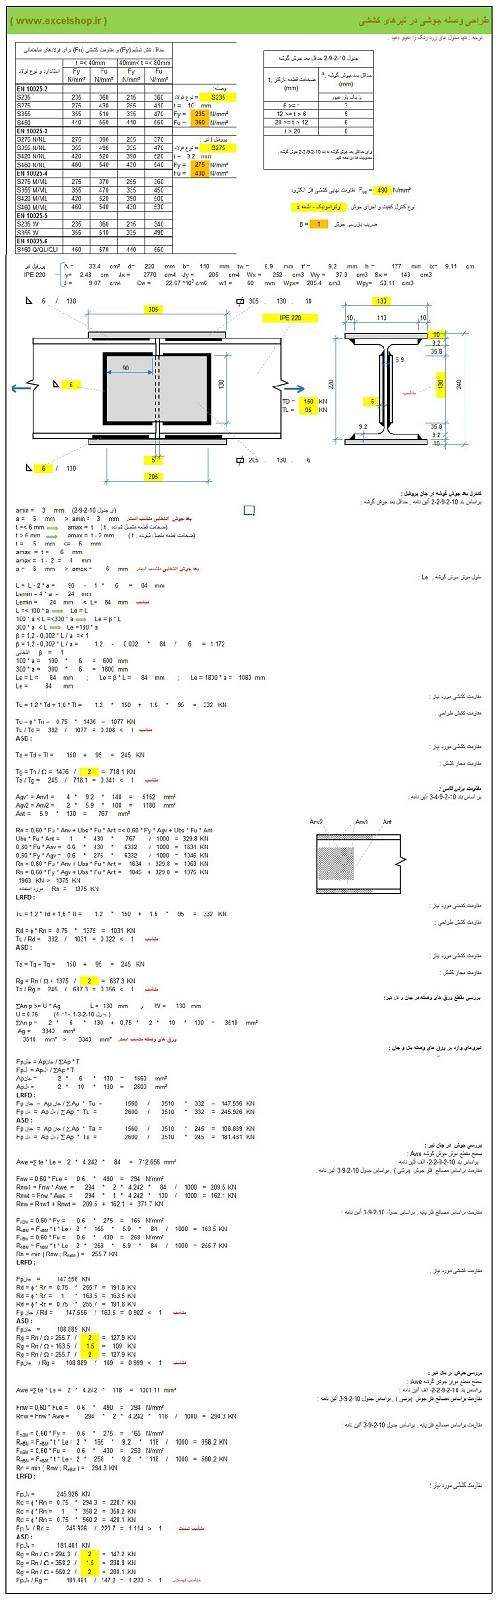 برنامه تحت اکسل طراحی وصله جوشی در تیرهای کششی-2